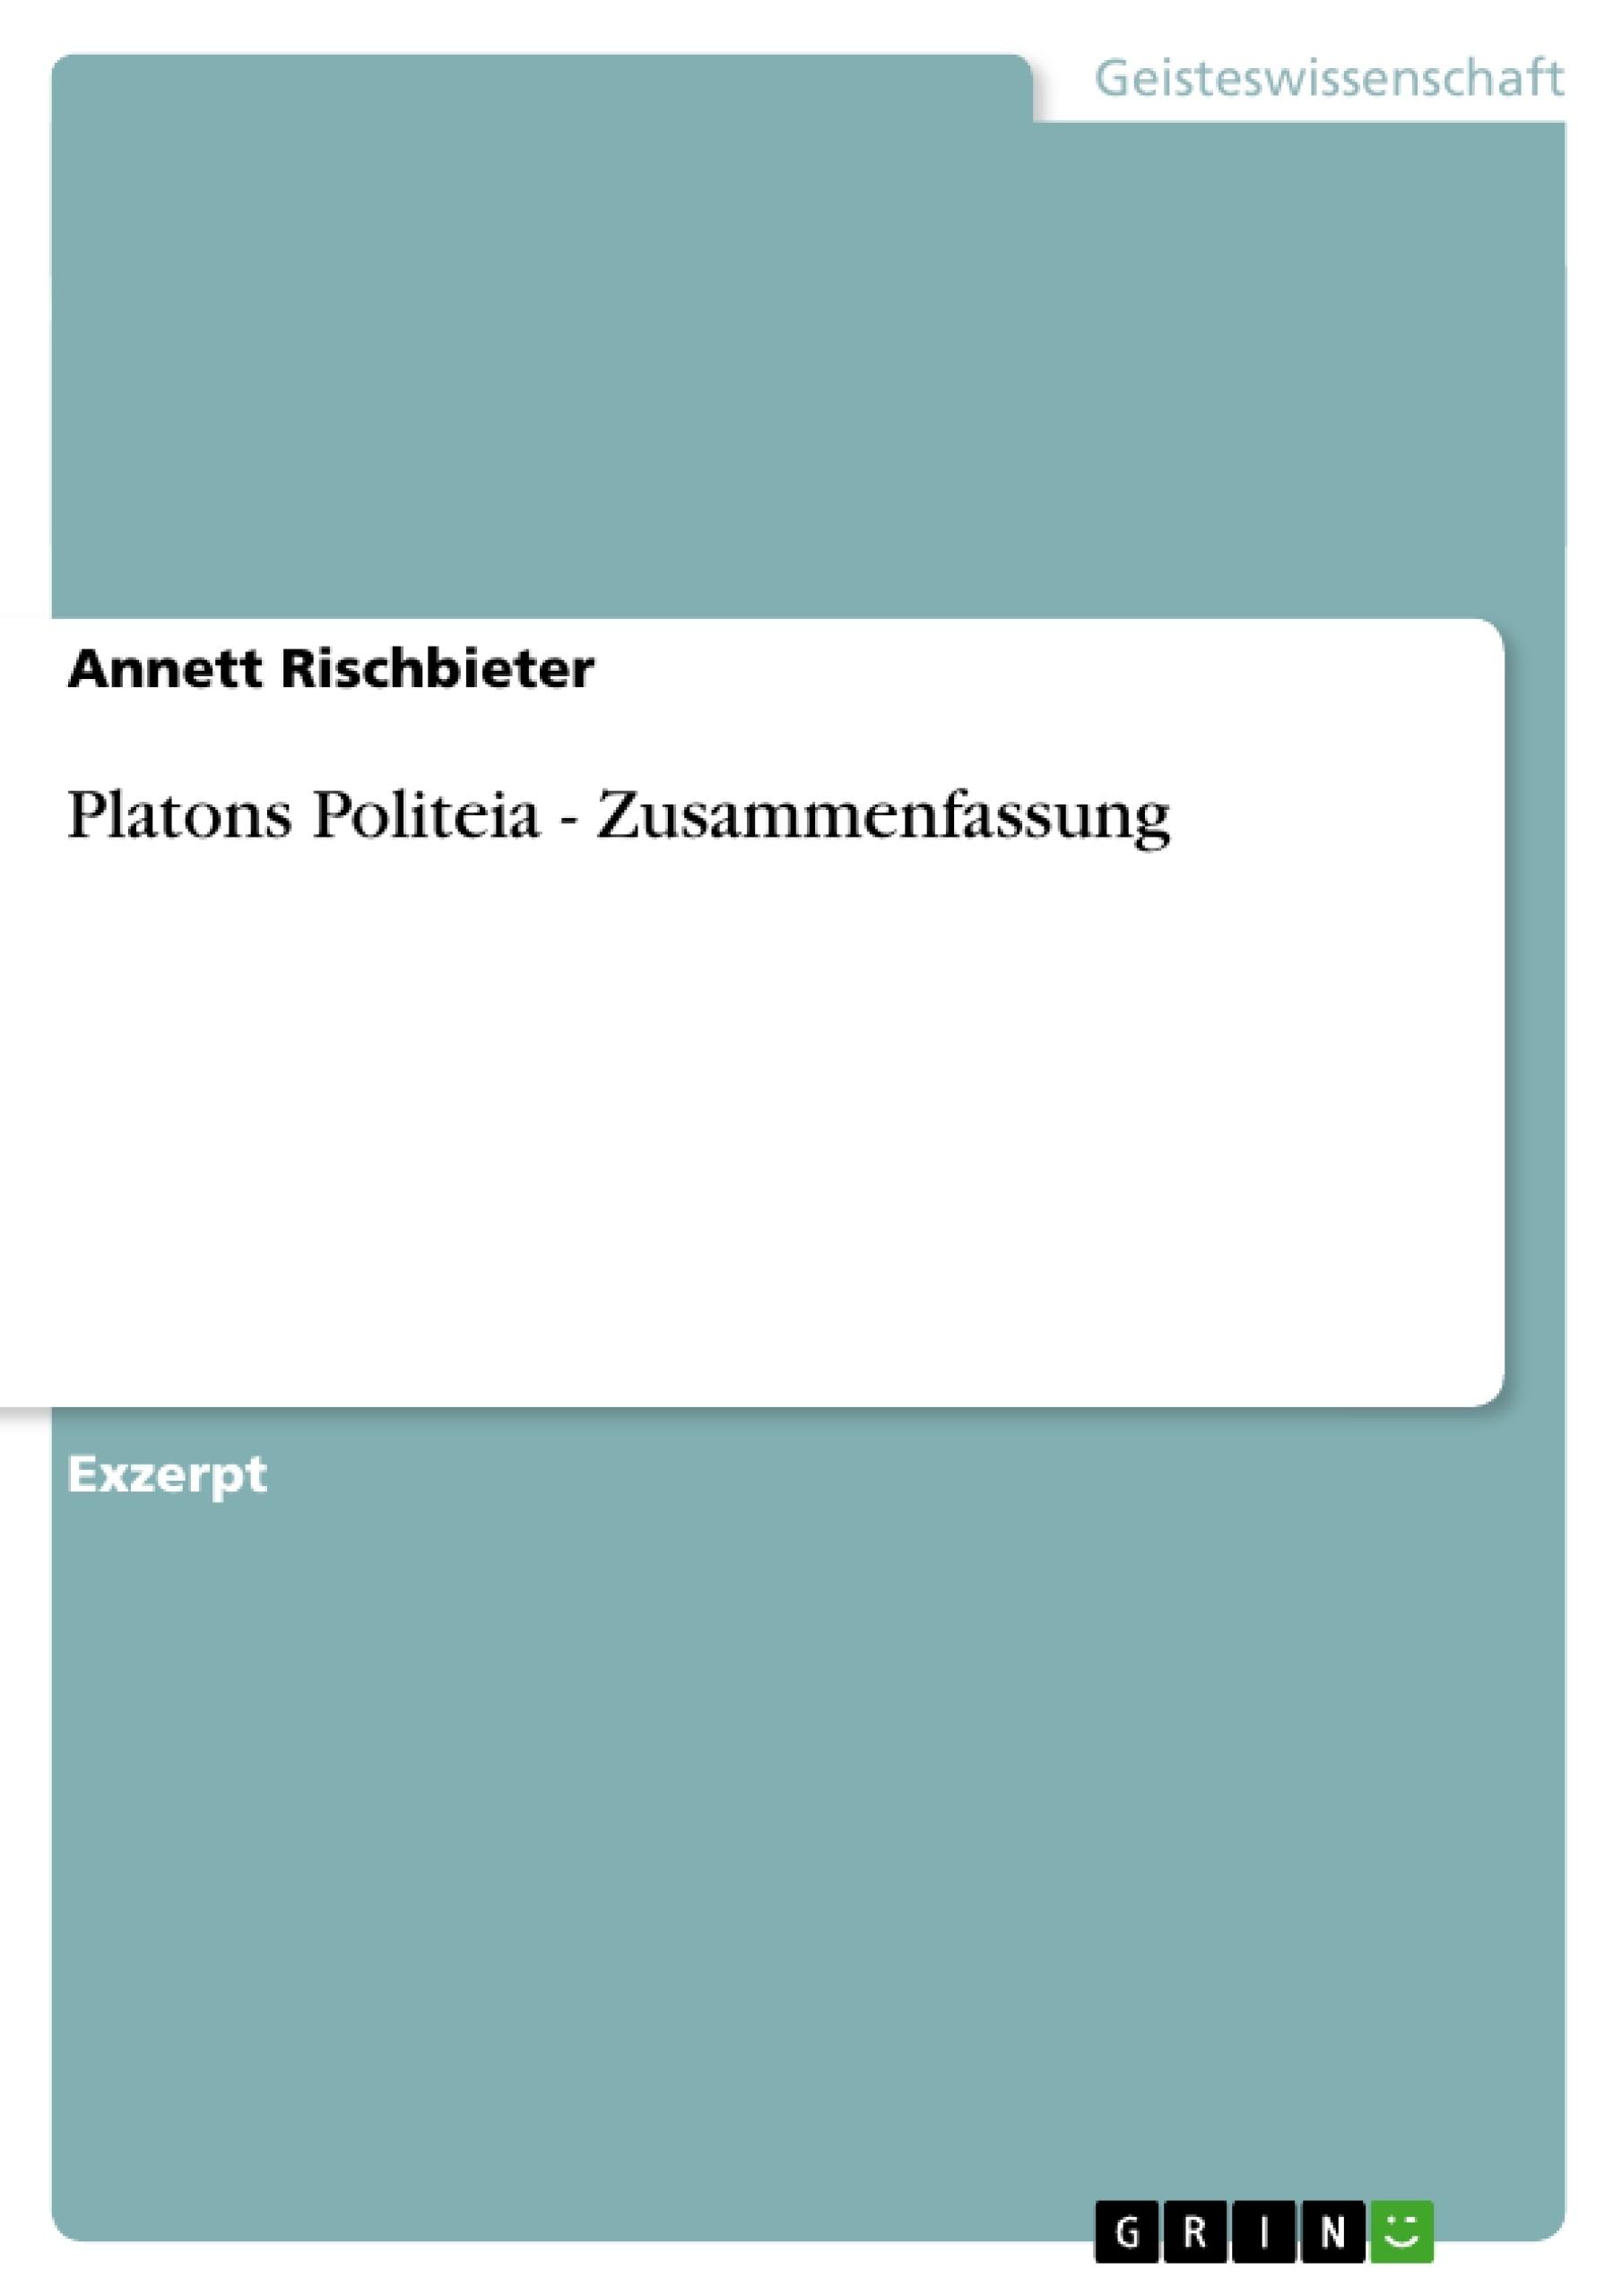 Titel: Platons Politeia - Zusammenfassung